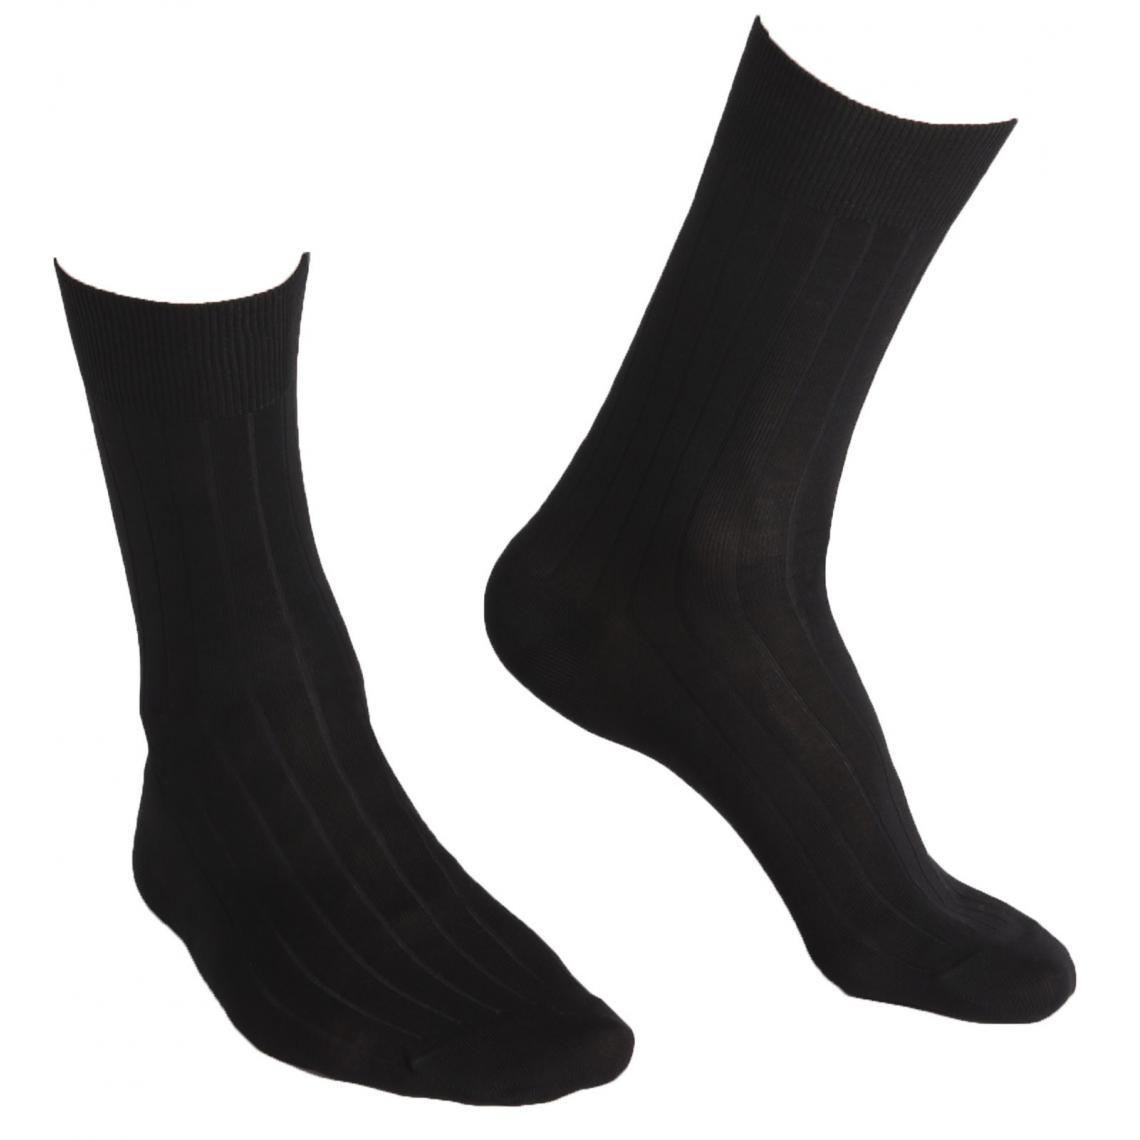 Lot de 2 paires de chaussettes fil d'Ecosse - Dim Underwear - Modalova